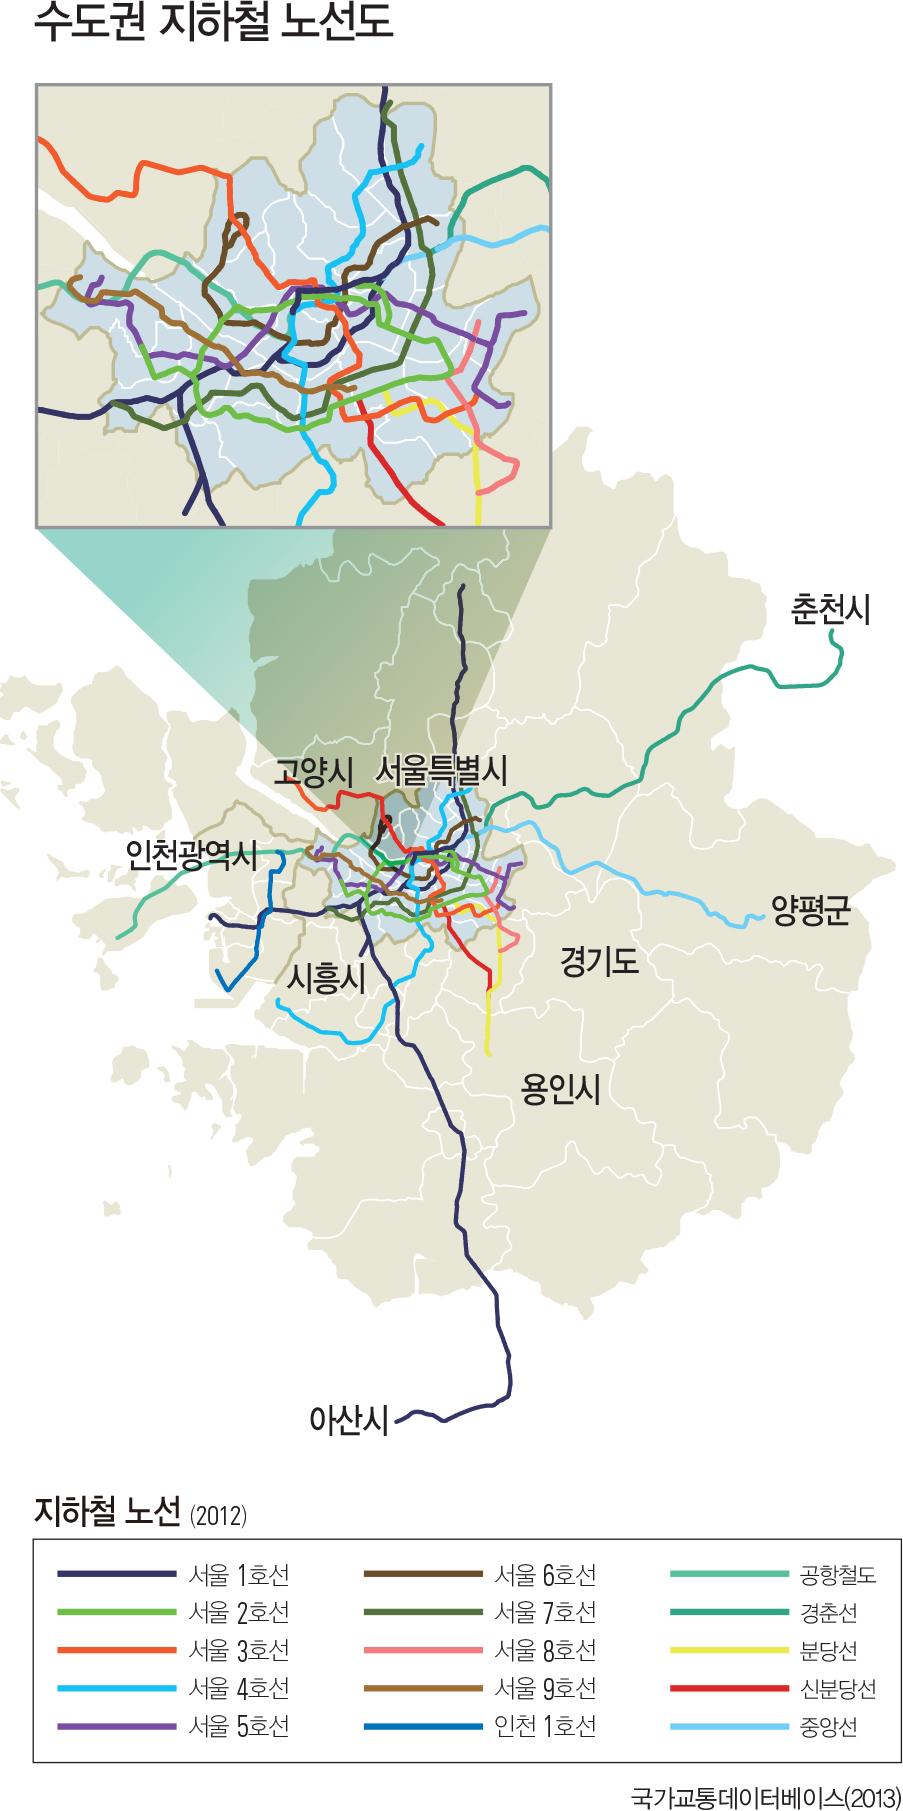 수도권 지하철 노선도